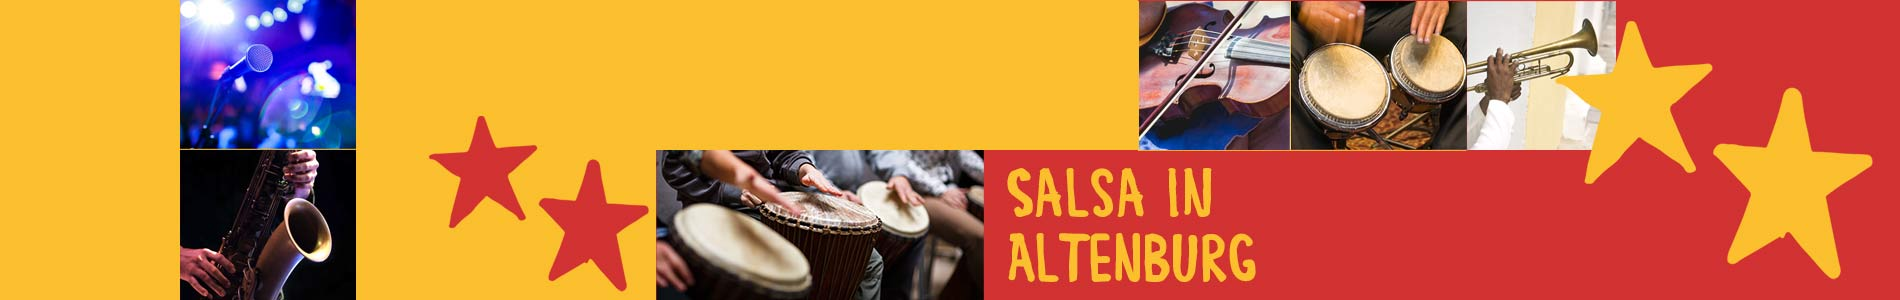 Salsa in Altenburg – Salsa lernen und tanzen, Tanzkurse, Partys, Veranstaltungen